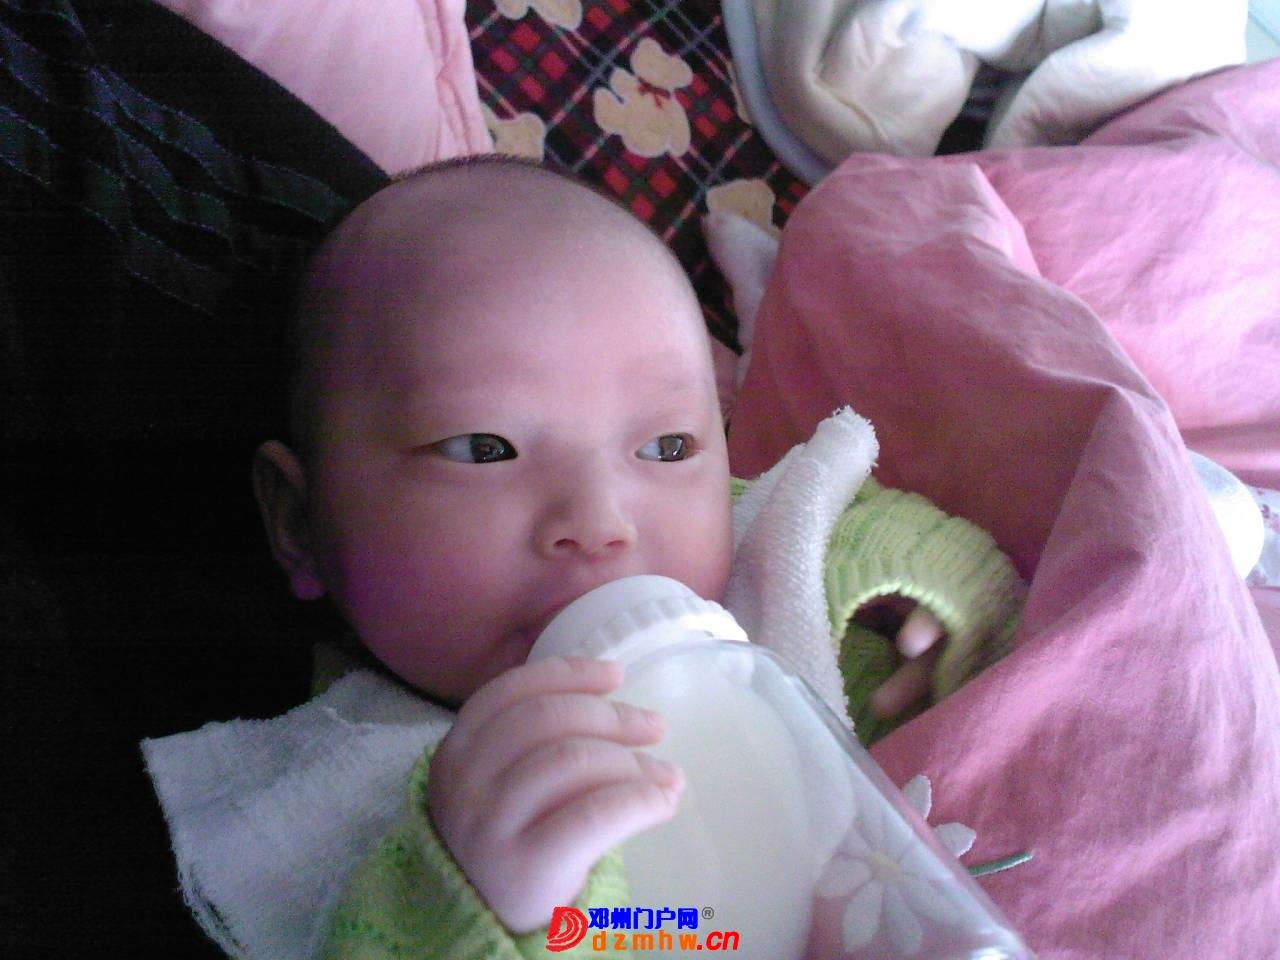 我的宝宝四十六天了,来晒一晒,看谁认识,呵呵 - 邓州门户网 邓州网 - 1403523qfd76.jpg